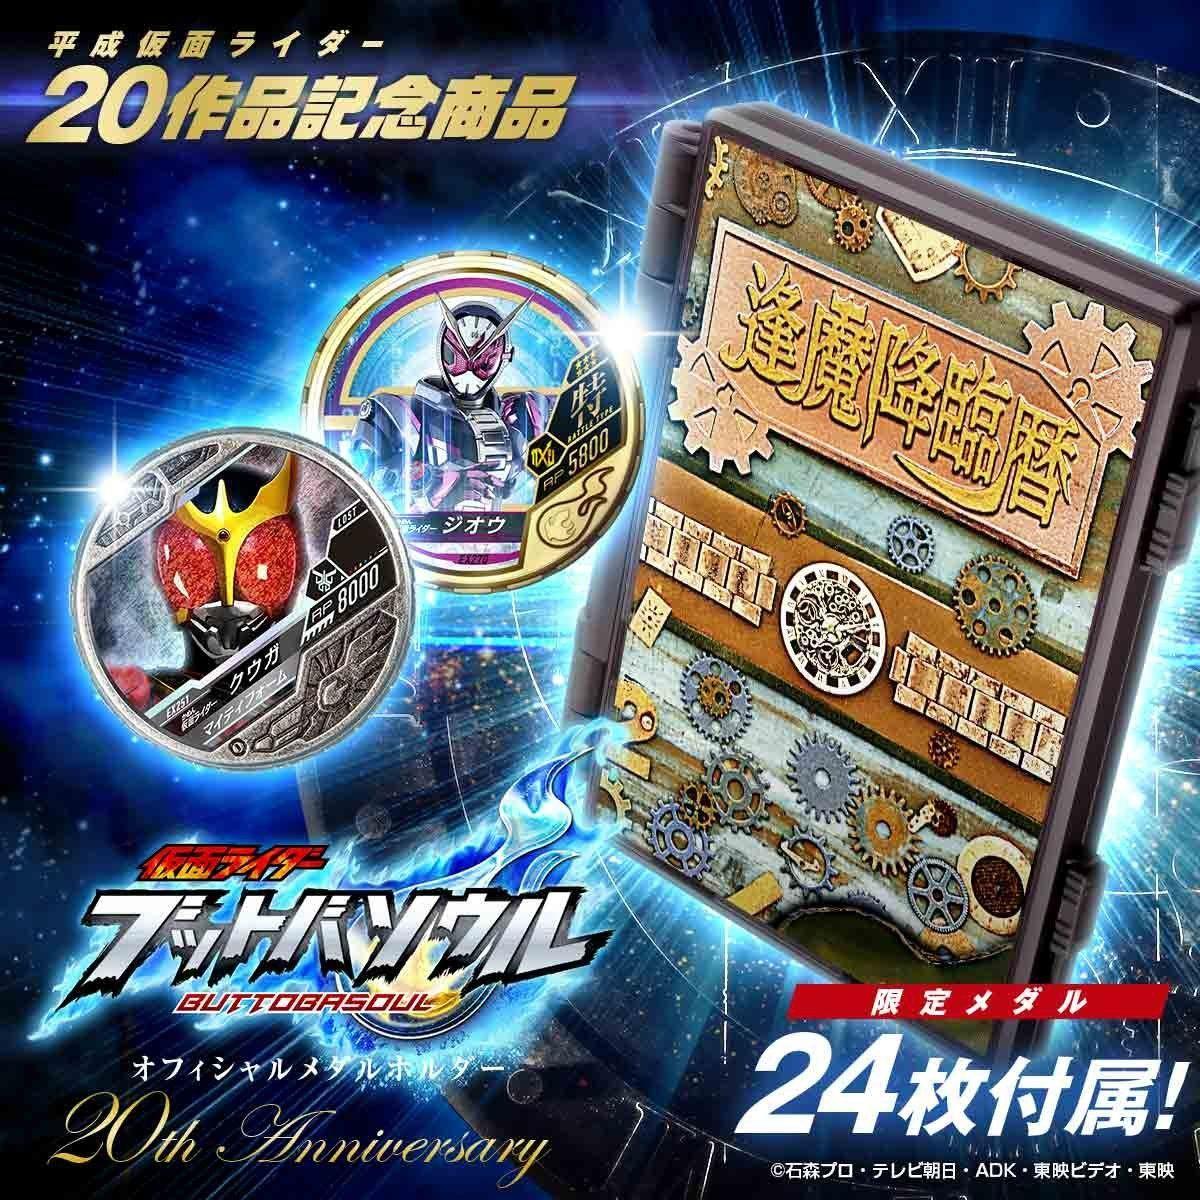 仮面ライダー ブットバソウル『オフィシャルメダルホルダー -20th Anniversary-』-001